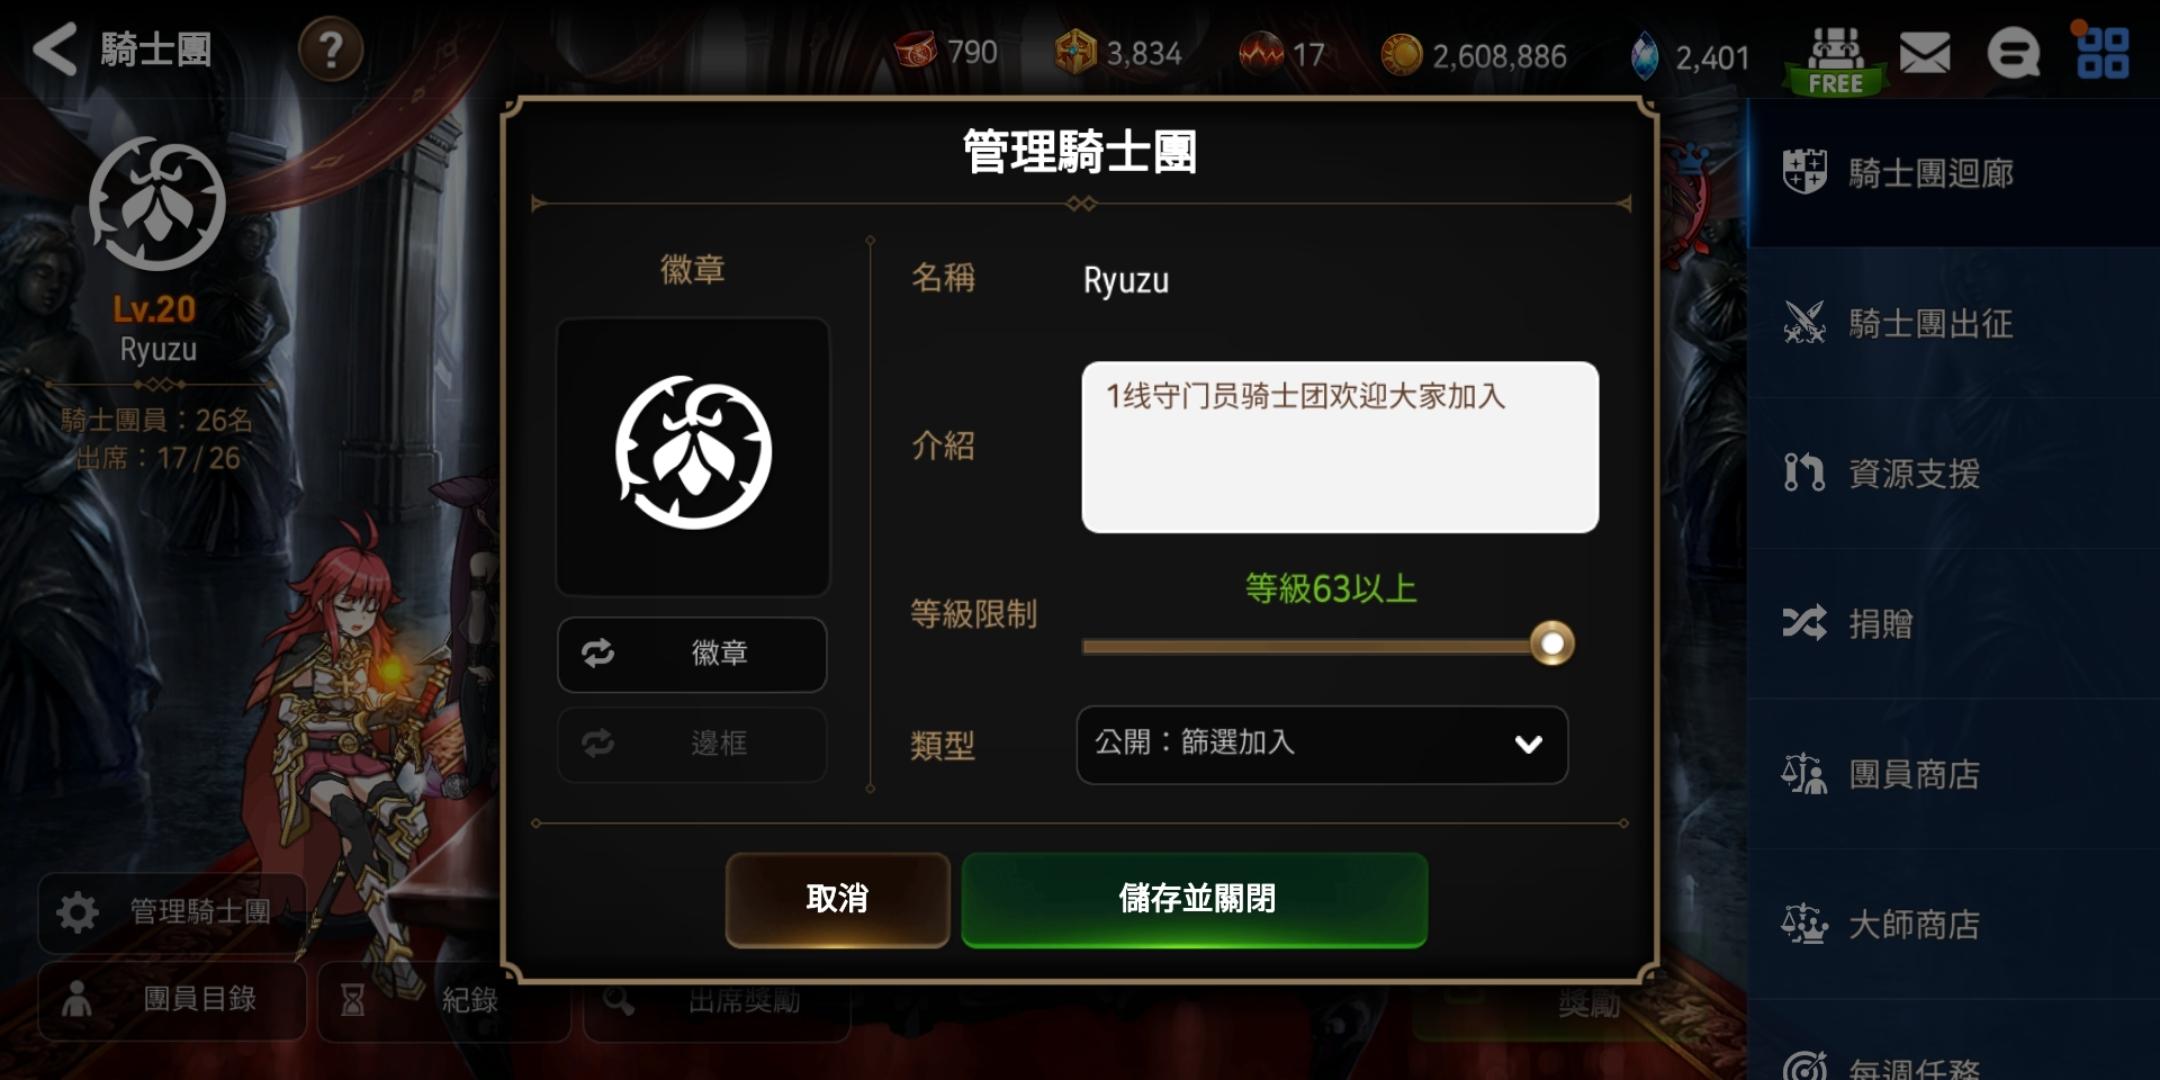 (Ryuzu)亚服骑士团招募新团员